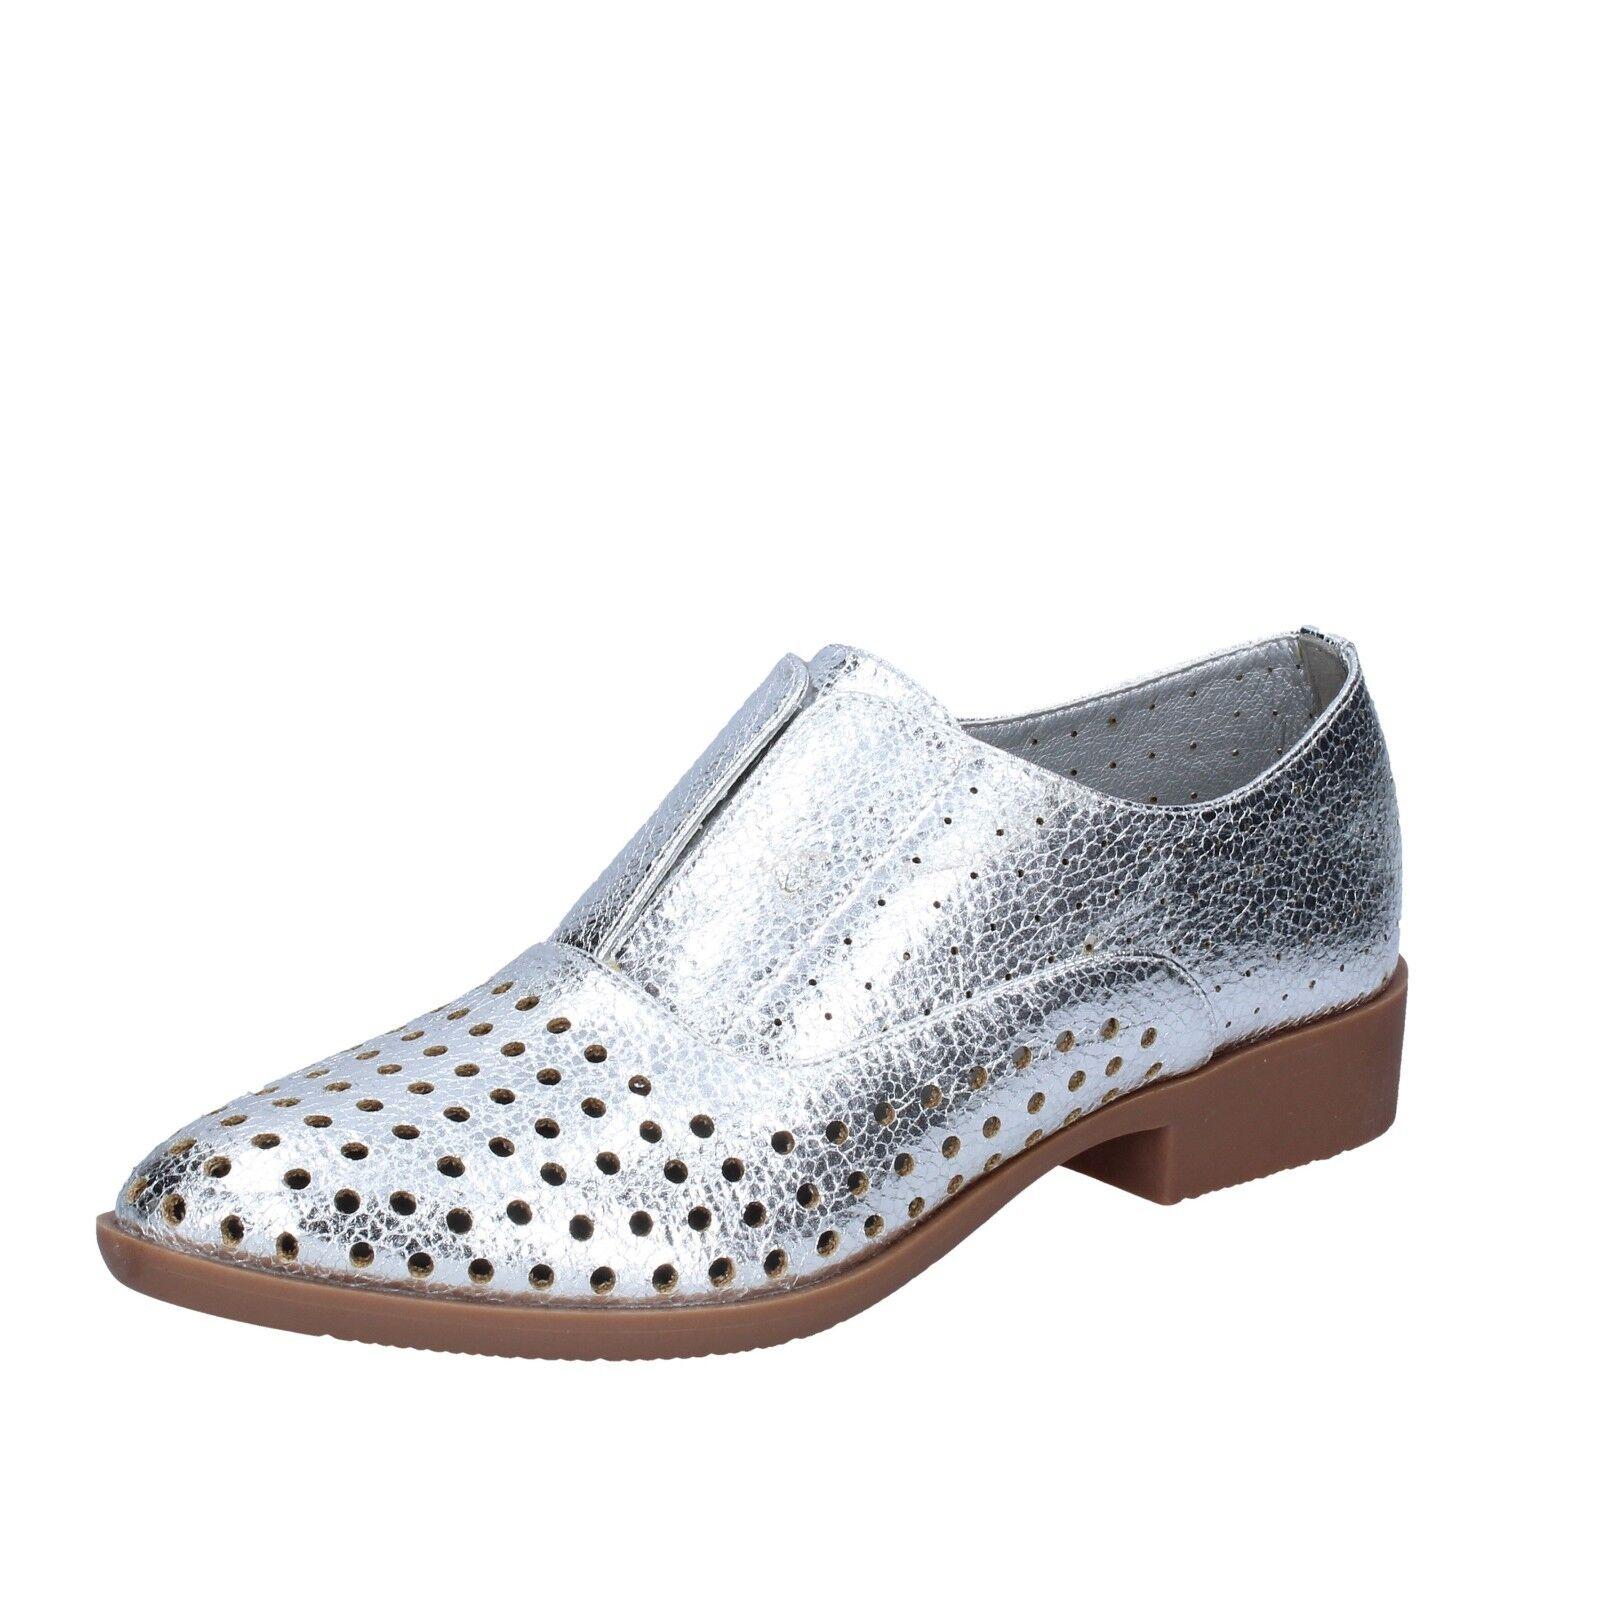 Chaussures Femmes Francesco Milano 38 UE élégant argent cuir bs73-38